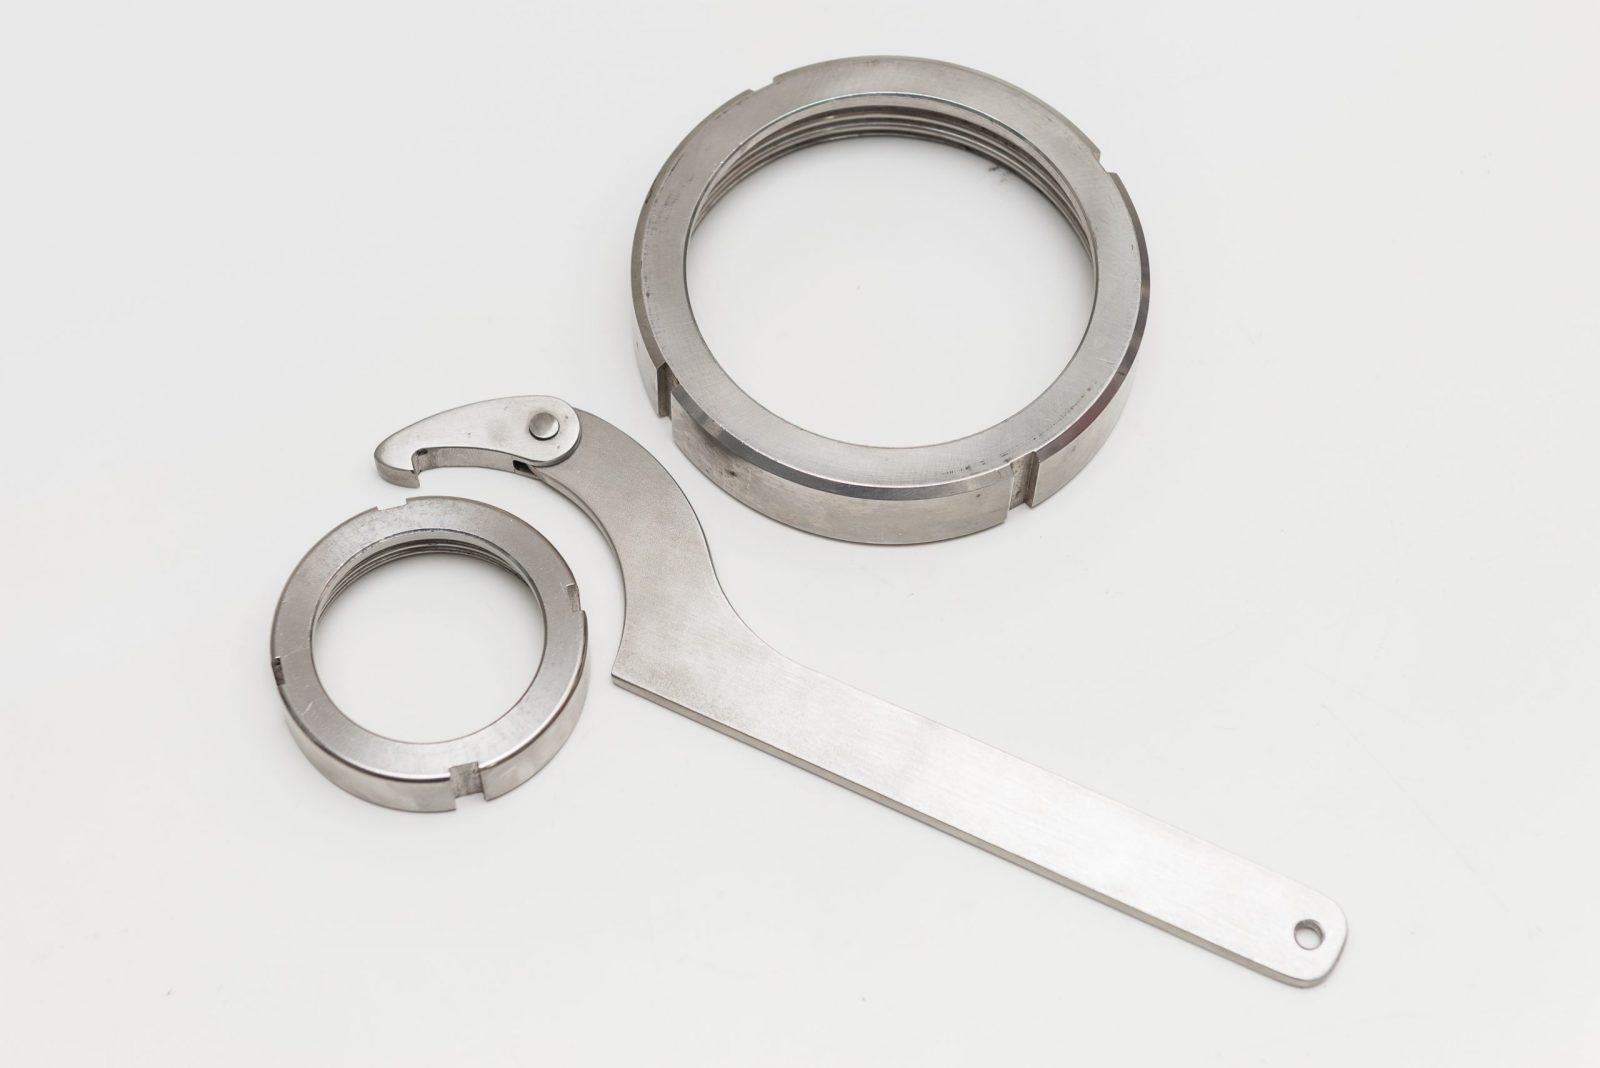 llaves de ajuste universal para tuercas danesa